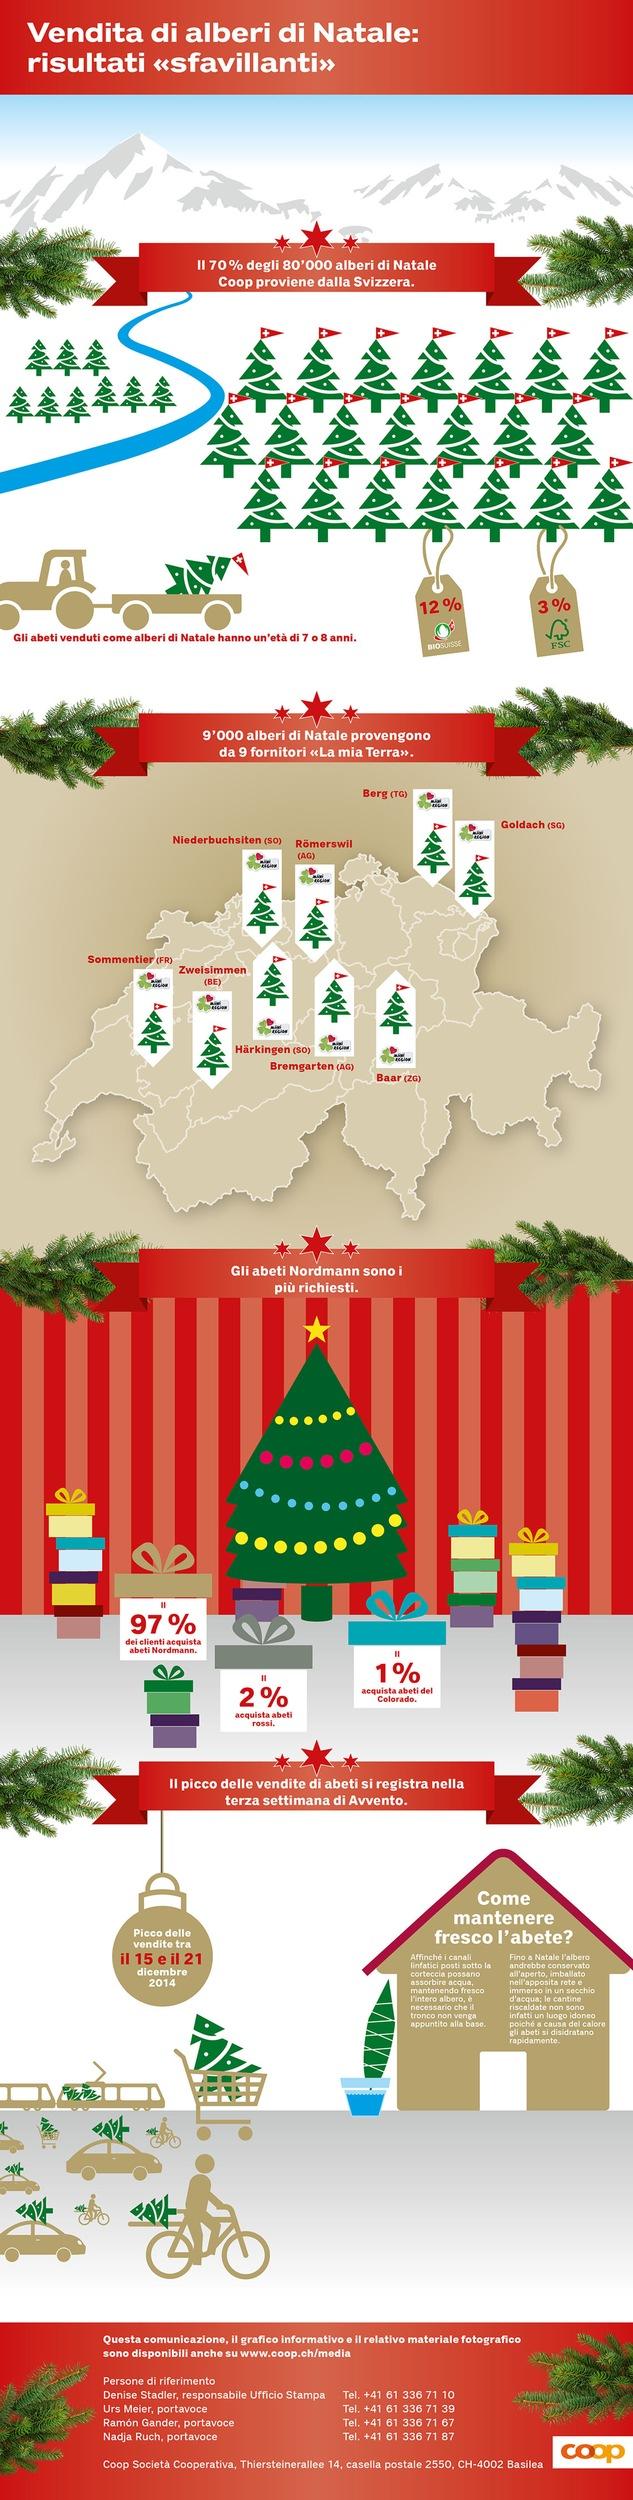 7 alberi di Natale su 10 provengono dalla Svizzera / Fatti, non parole n. 300: Coop ha un debole per gli alberi di Natale svizzeri